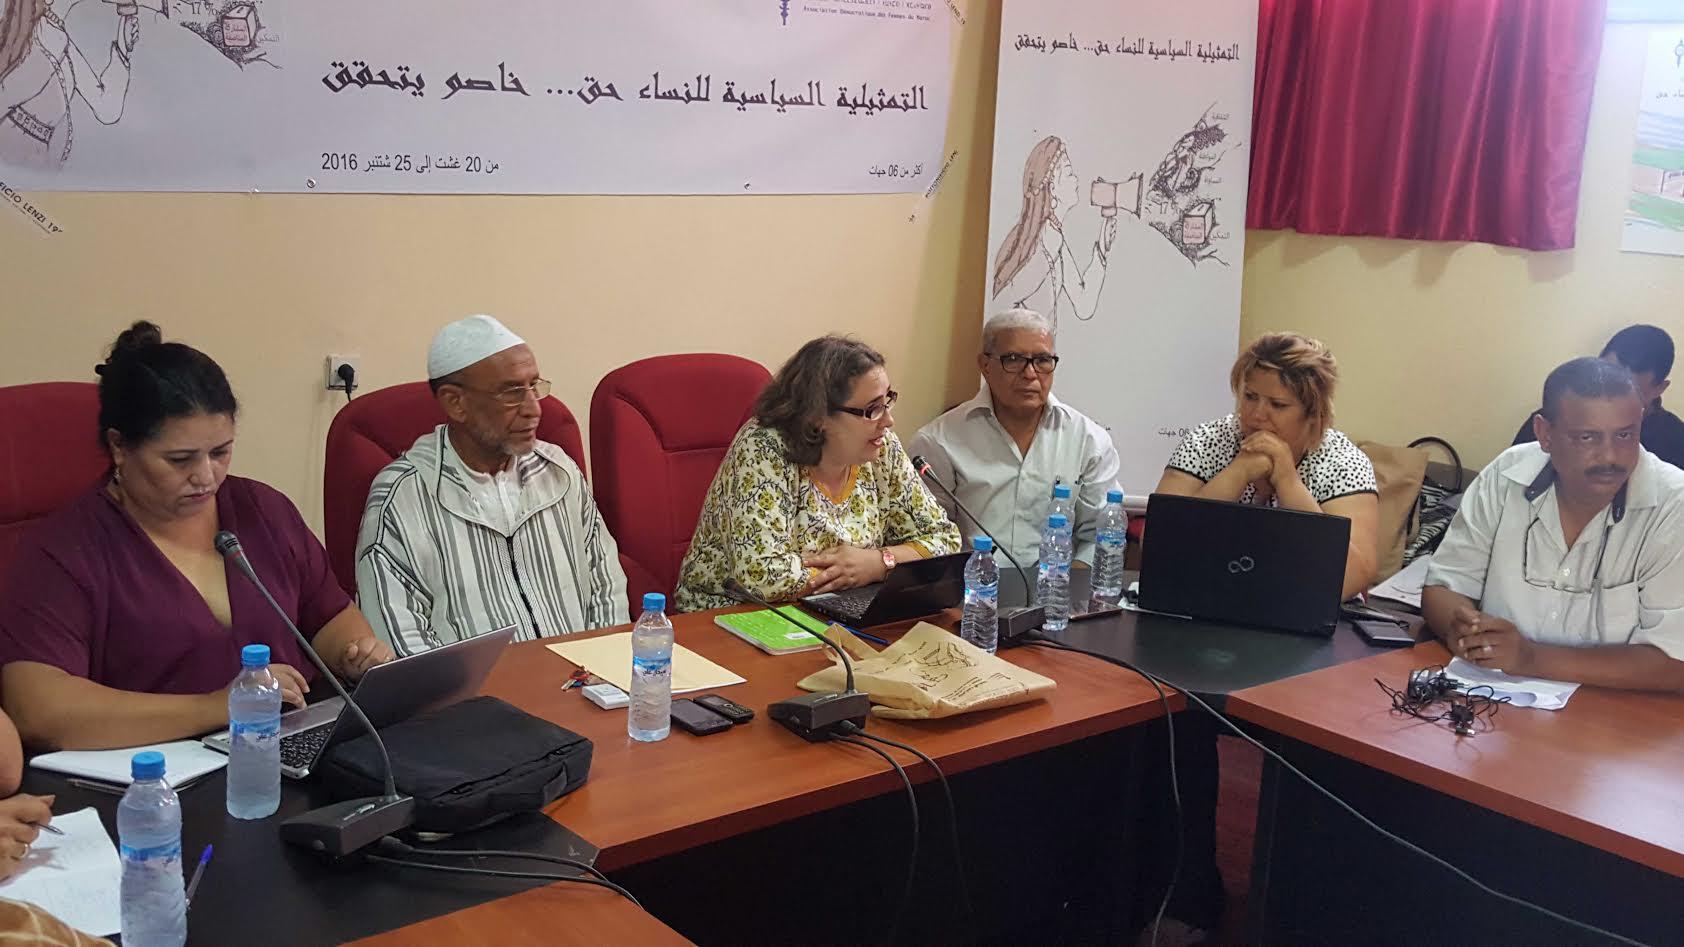 تازارين: قافلة جهوية من أجل الرفع من تمثيلية و مشاركة النساء في العمل السياسي